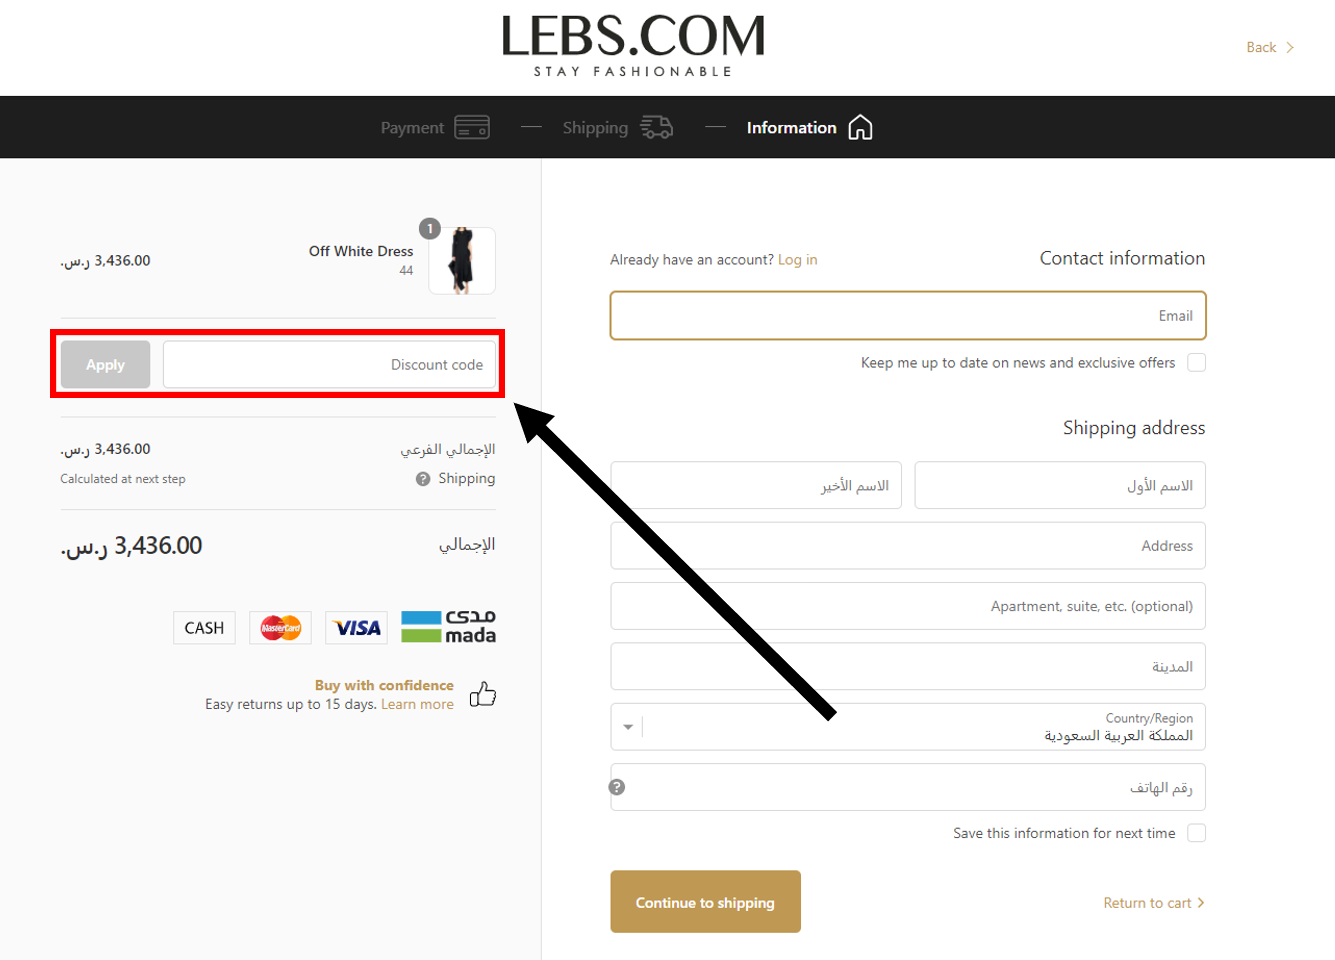 كود خصم لبسكم Lebs.com كوبون لبس كود لبسكم Lebs ضمن كوبونات لبسكم كود خصم لبس Lebs حصري Lebs Promo Code أو كود Lebs.com coupon code